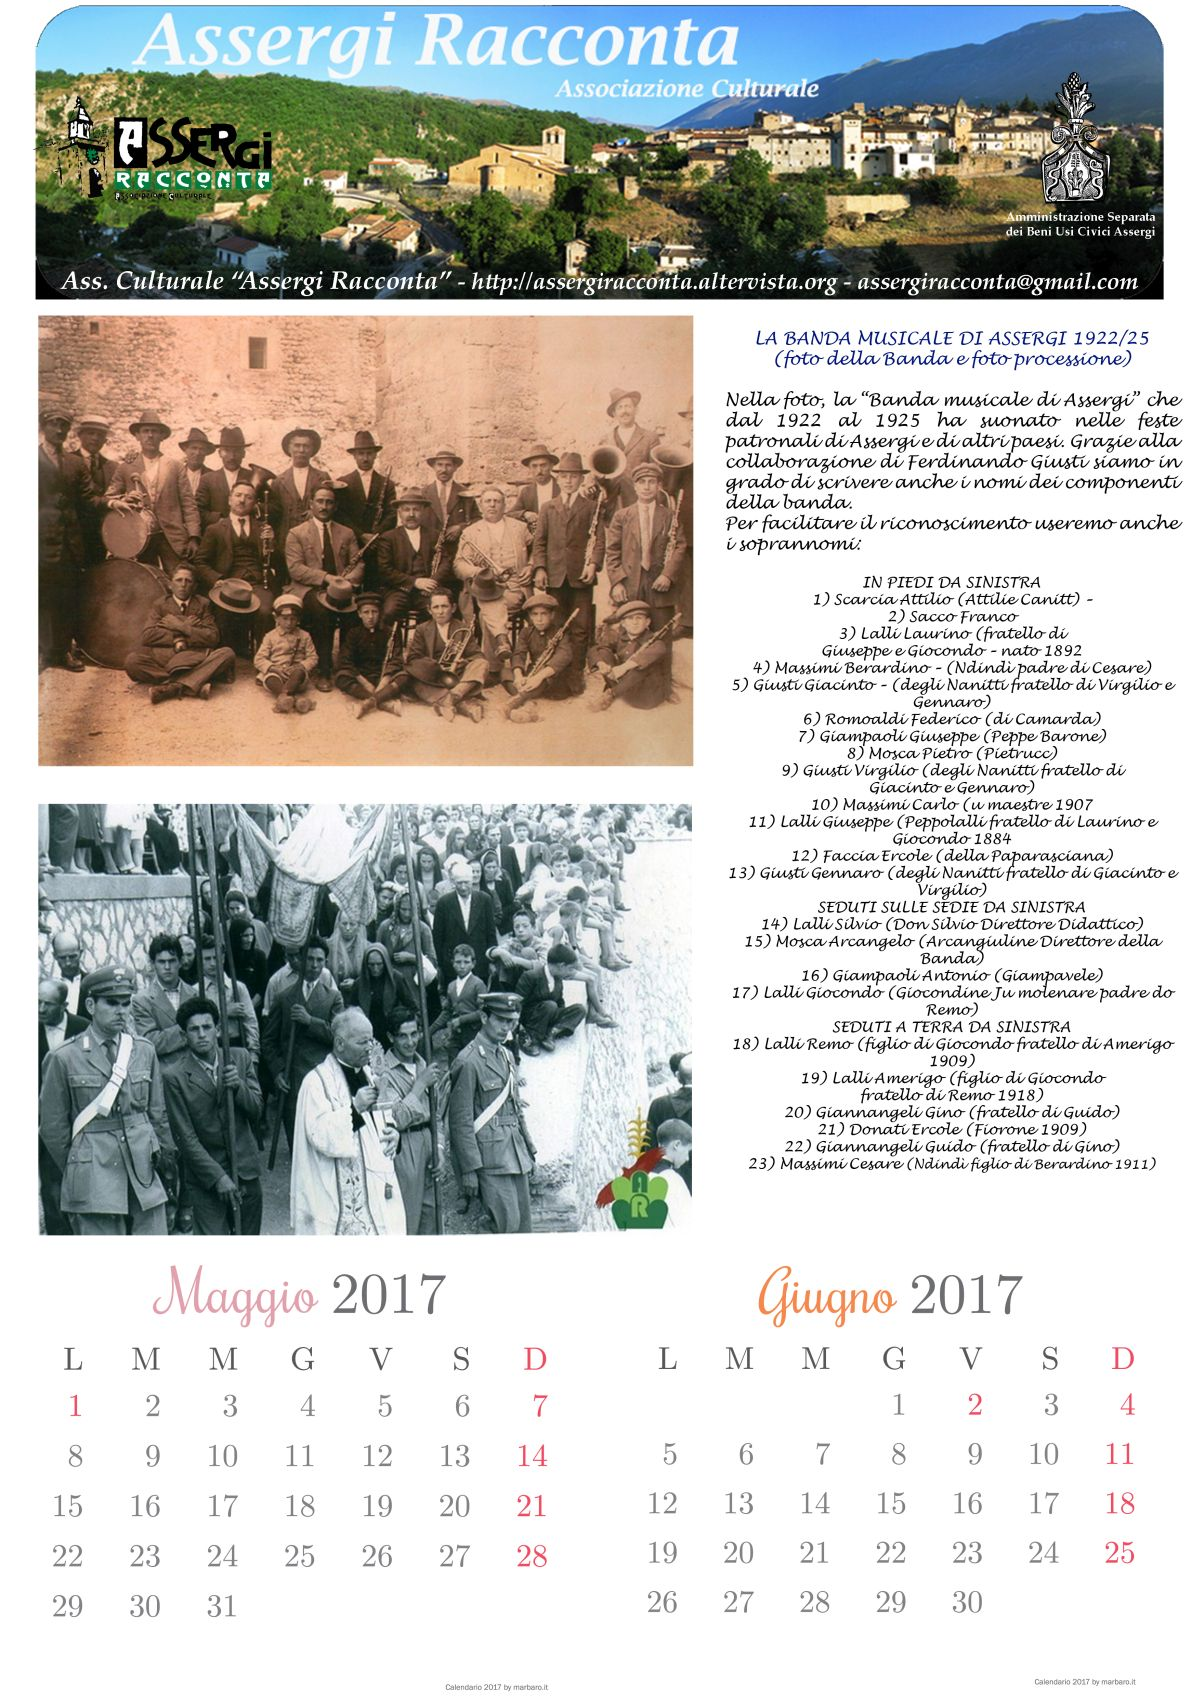 Calendario Marbaro.Calendario Assergi Racconta 2017 Assergi Racconta